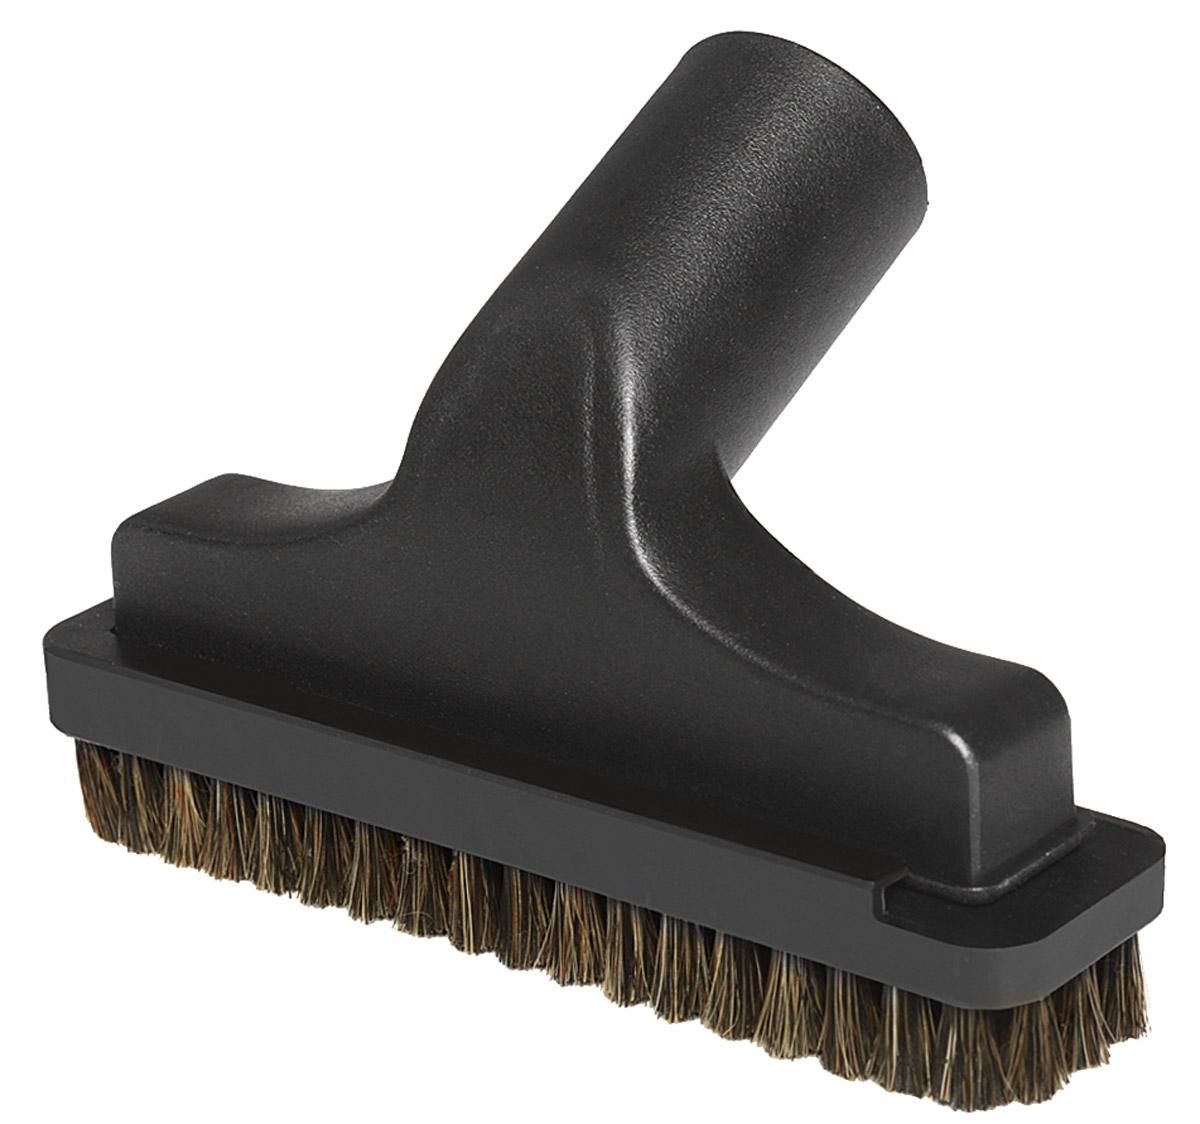 Neolux TN-06 насадка с натуральным ворсом для очистки мягкой мебели и одеждыTN-06Универсальная насадка Neolux TN-06 предназначена для эффективной очистки мягкой мебели и одежды. Для возможности чистки различных типов поверхностей насадка имеет съемную часть с антистатичным, износоустойчивым, мягким ворсом из натуральной щетины. Предназначена для пылесосов с диаметром удлинительной трубки 32 мм. Для использования с пылесосами с диаметром удлинительной трубки 35 мм. комплектуется переходником.